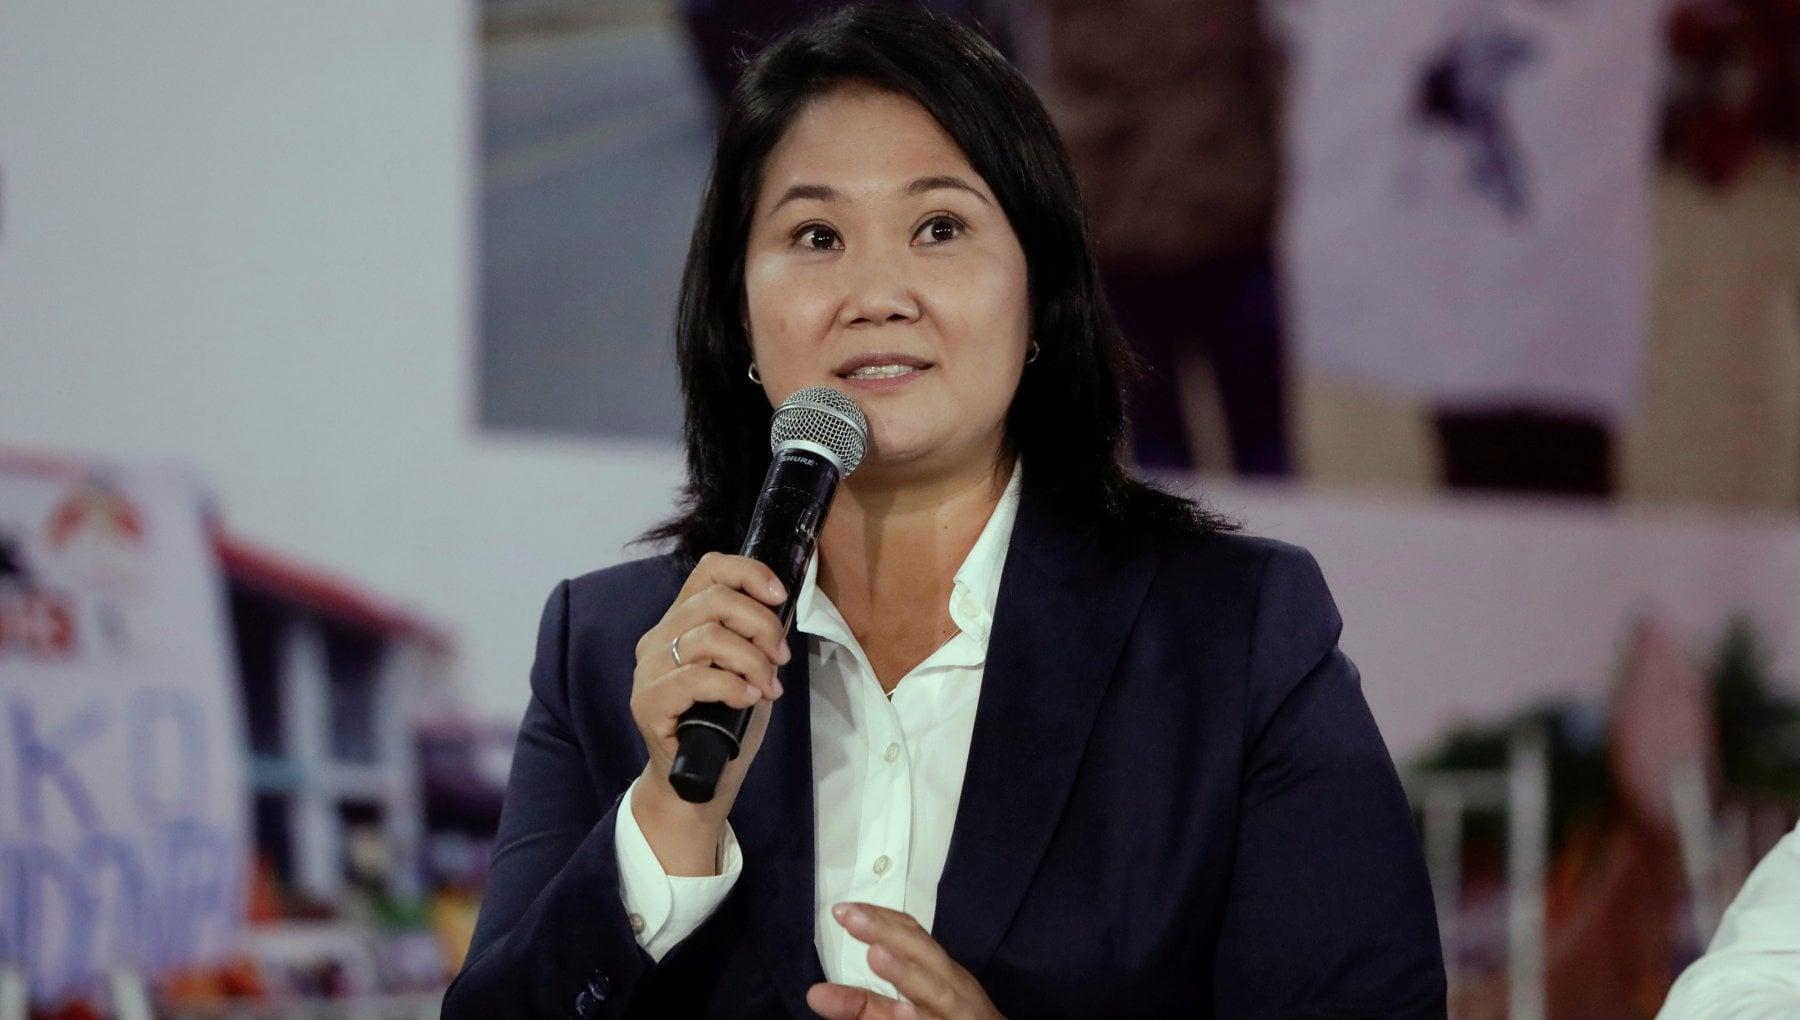 215539458 1d6c61e1 2255 478a ad2e 91522be35bd2 - Tensione in Perù: a spoglio elettorale ancora in corso, la procura chiede l'arresto di Keiko Fujimori